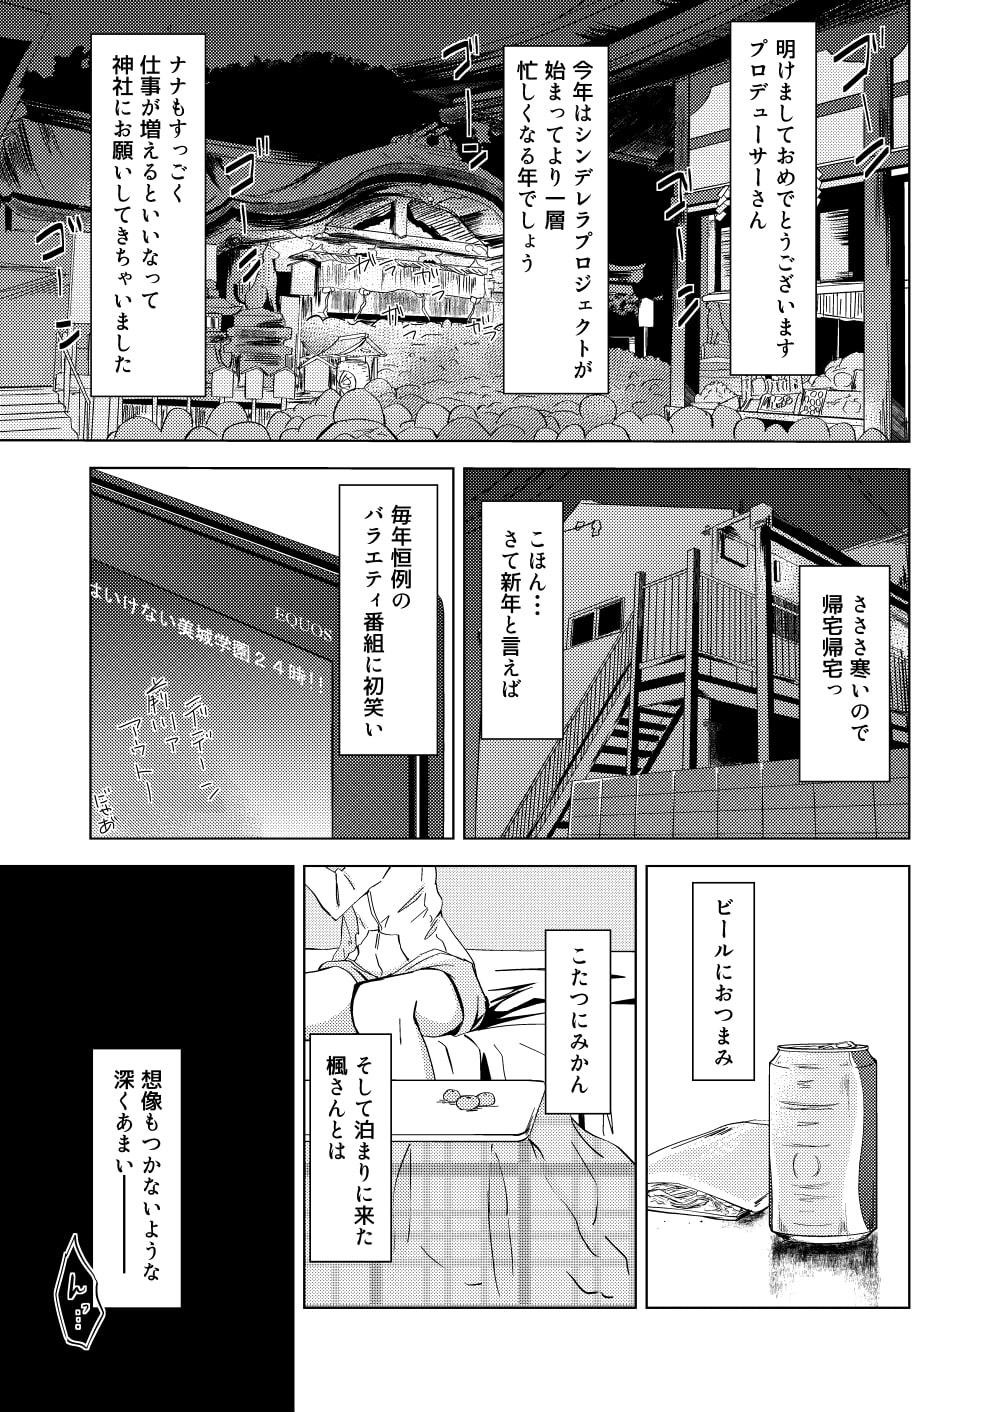 RJ321066 楓さんのナナいぢり [20210318]